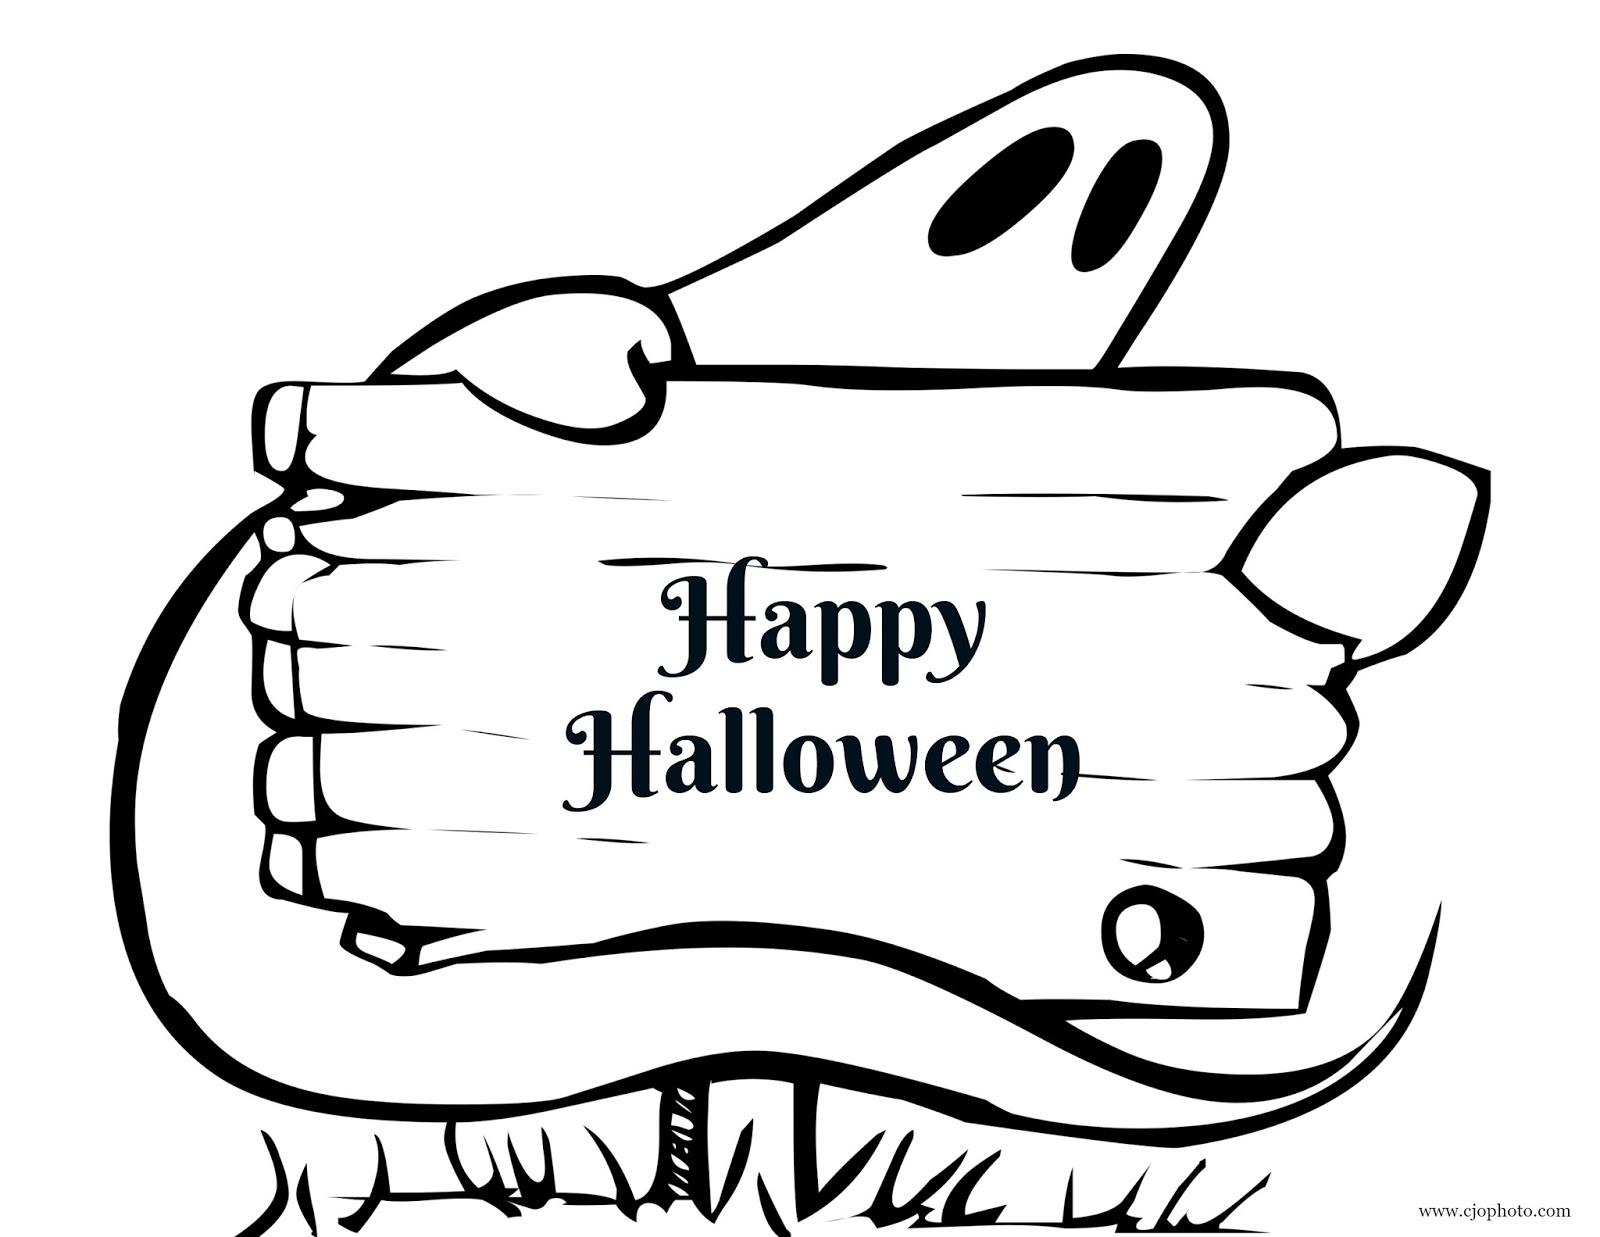 Fantasmi da colorare Halloween: tante immagini da stampare